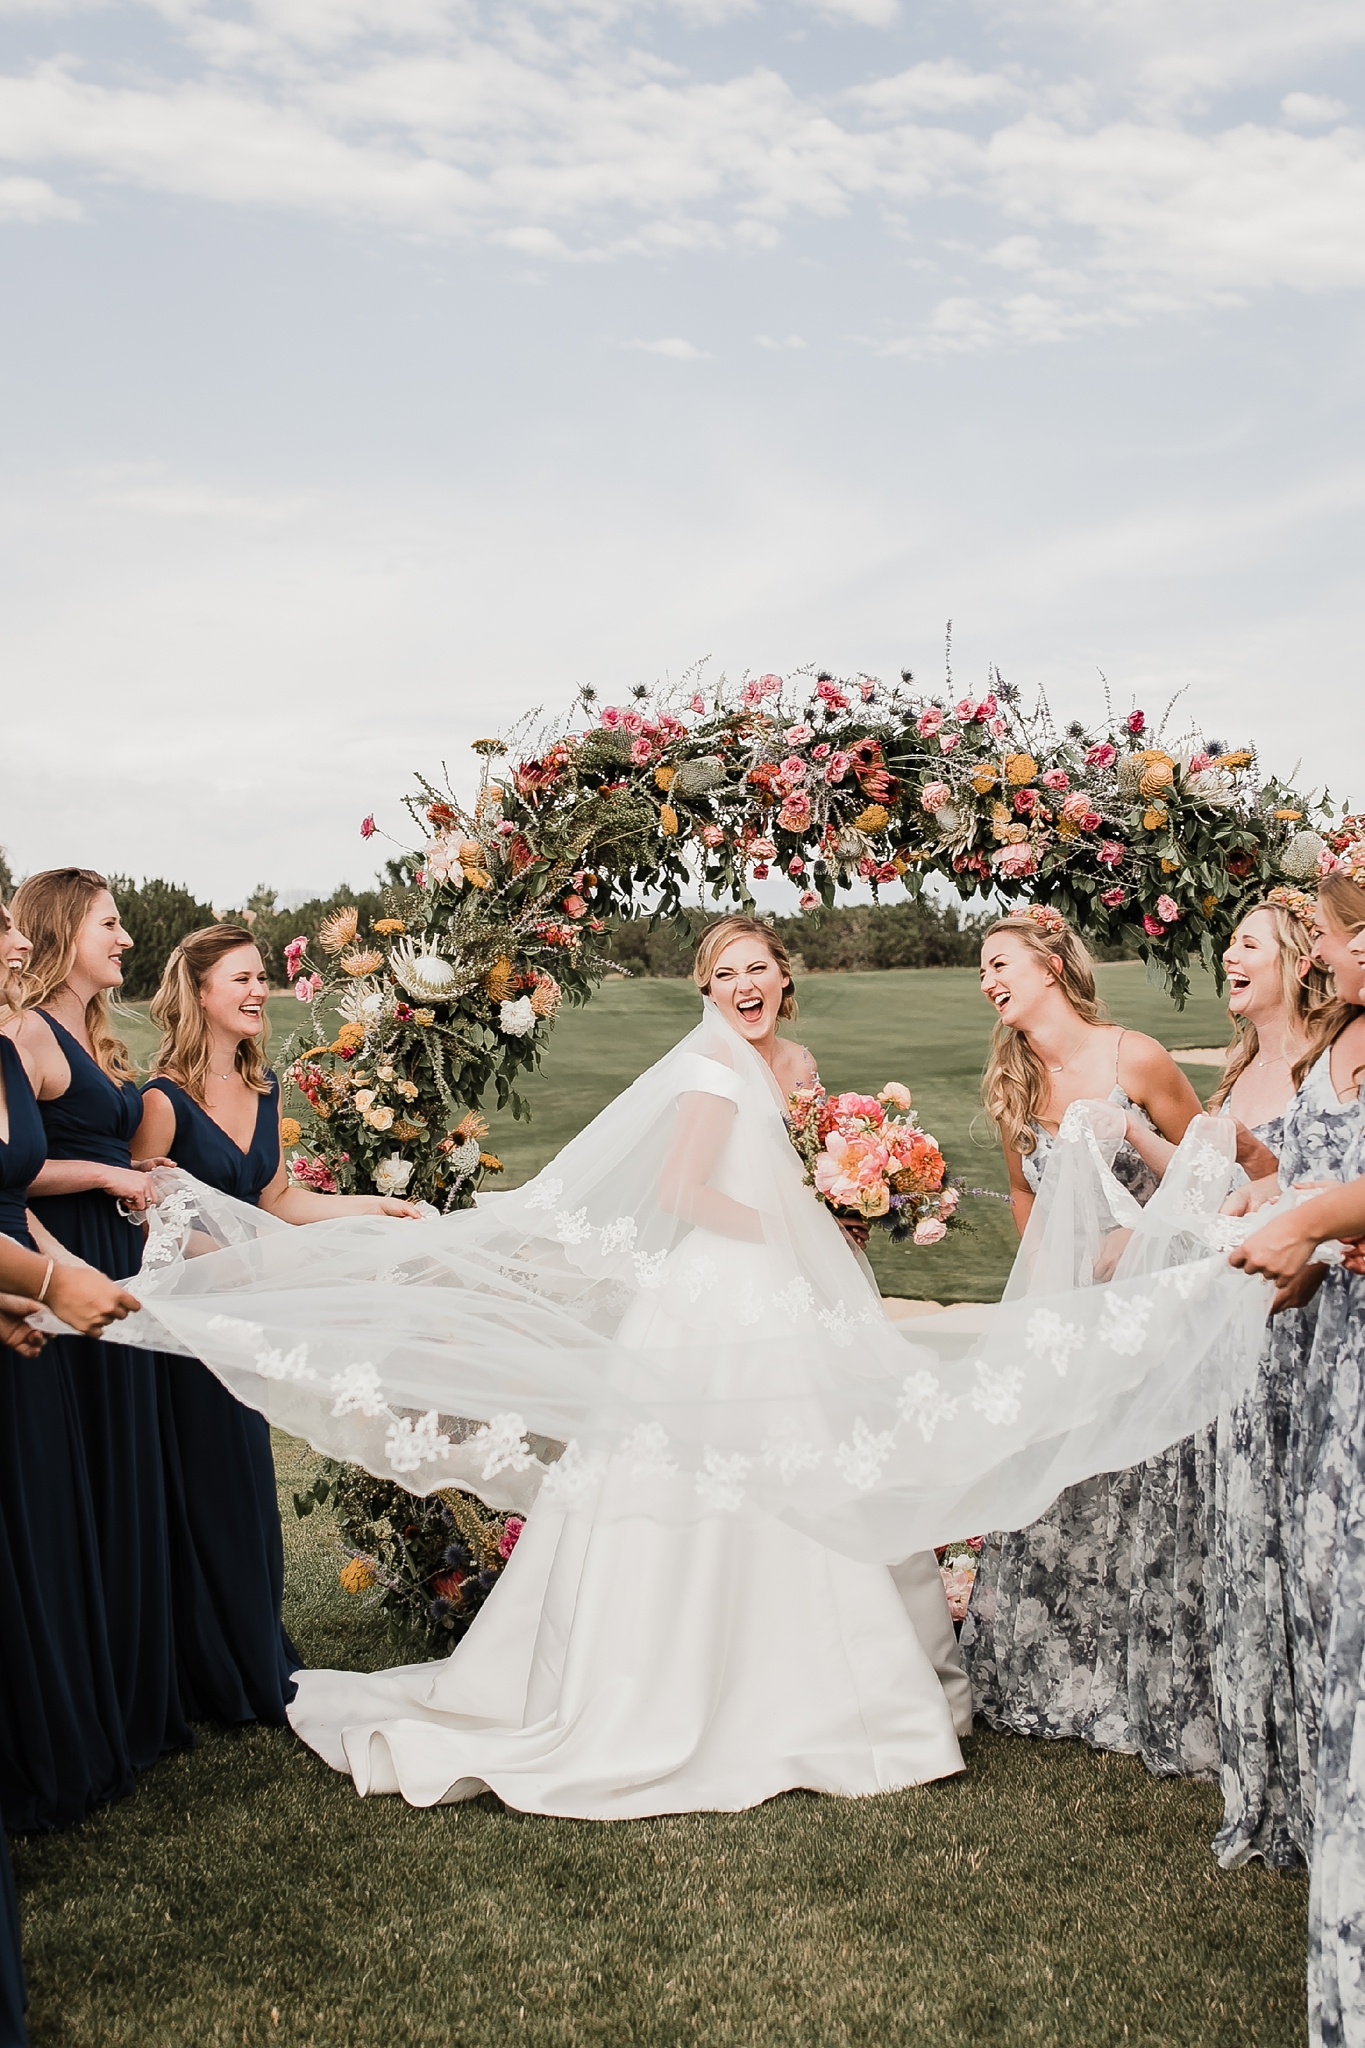 Alicia+lucia+photography+-+albuquerque+wedding+photographer+-+santa+fe+wedding+photography+-+new+mexico+wedding+photographer+-+new+mexico+wedding+-+las+campanas+wedding+-+santa+fe+wedding+-+maximalist+wedding+-+destination+wedding_0071.jpg